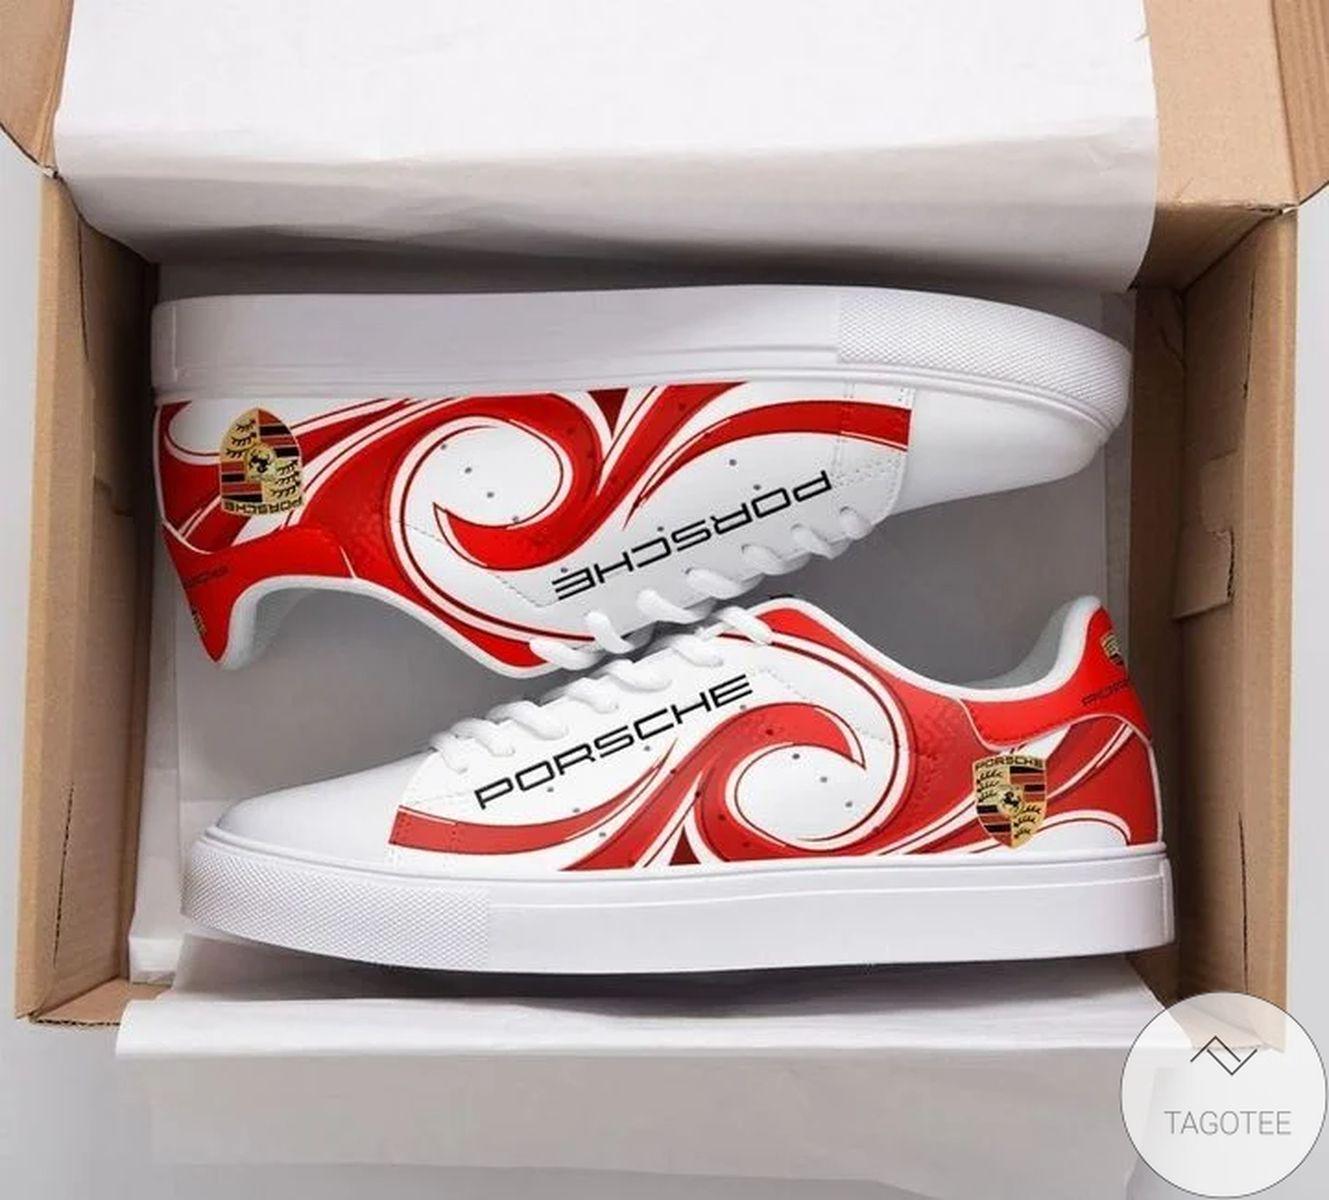 Adorable Porsche Red Stan Smith Shoes